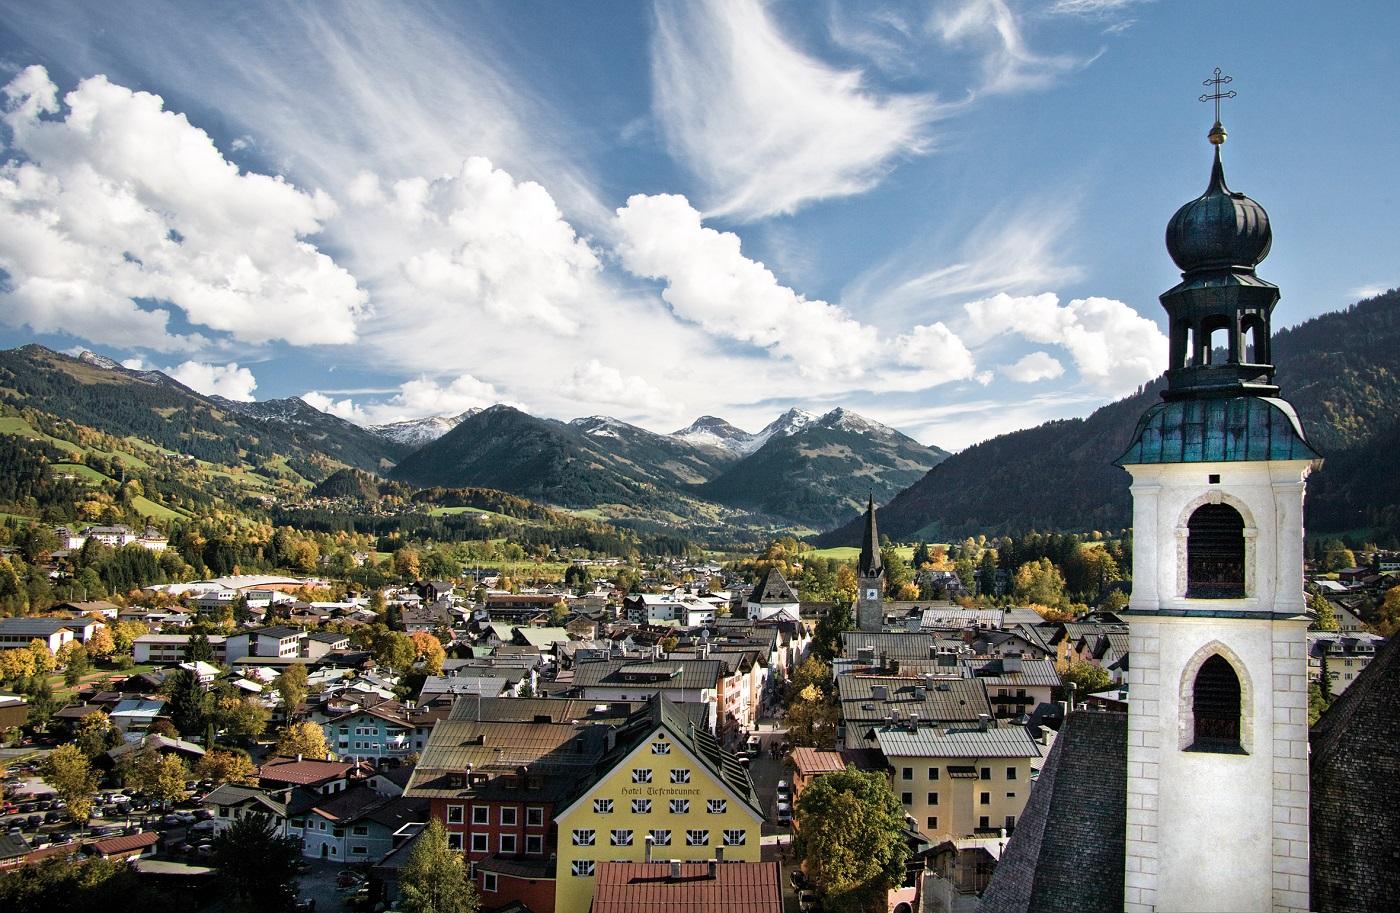 Kitzbuhel, peisaj de vara